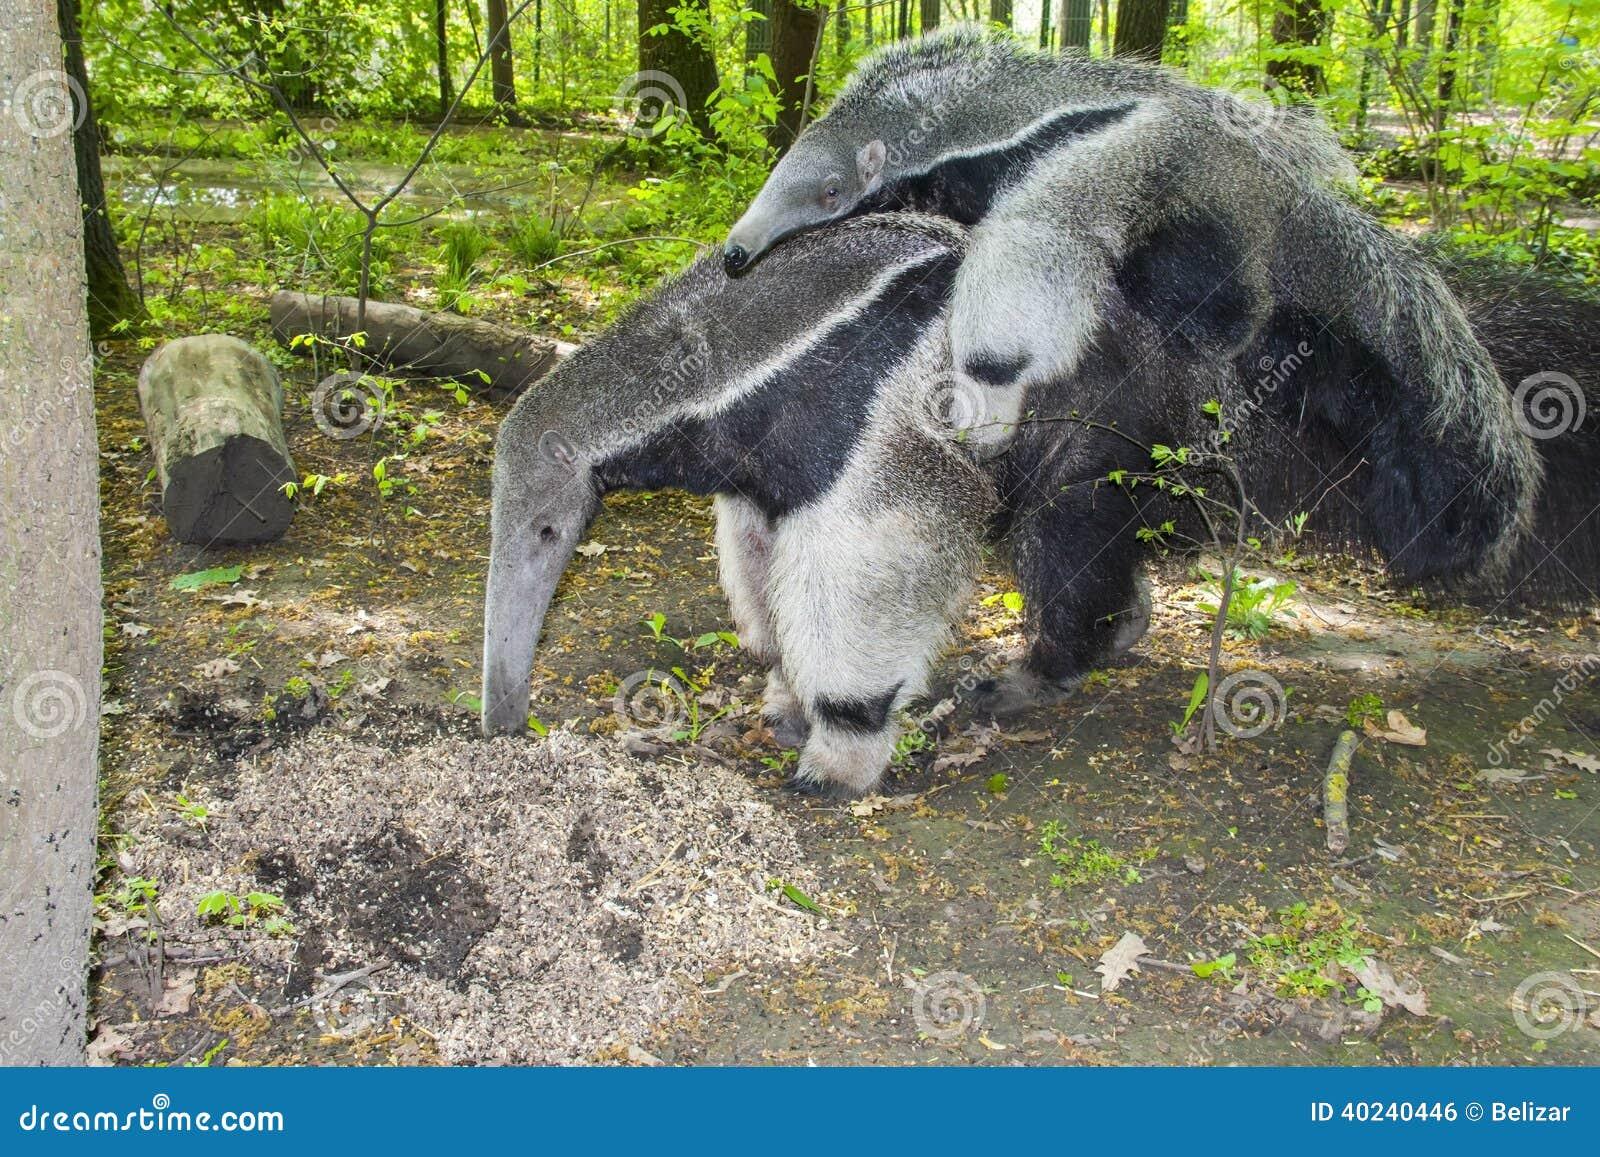 giant anteater eating ants